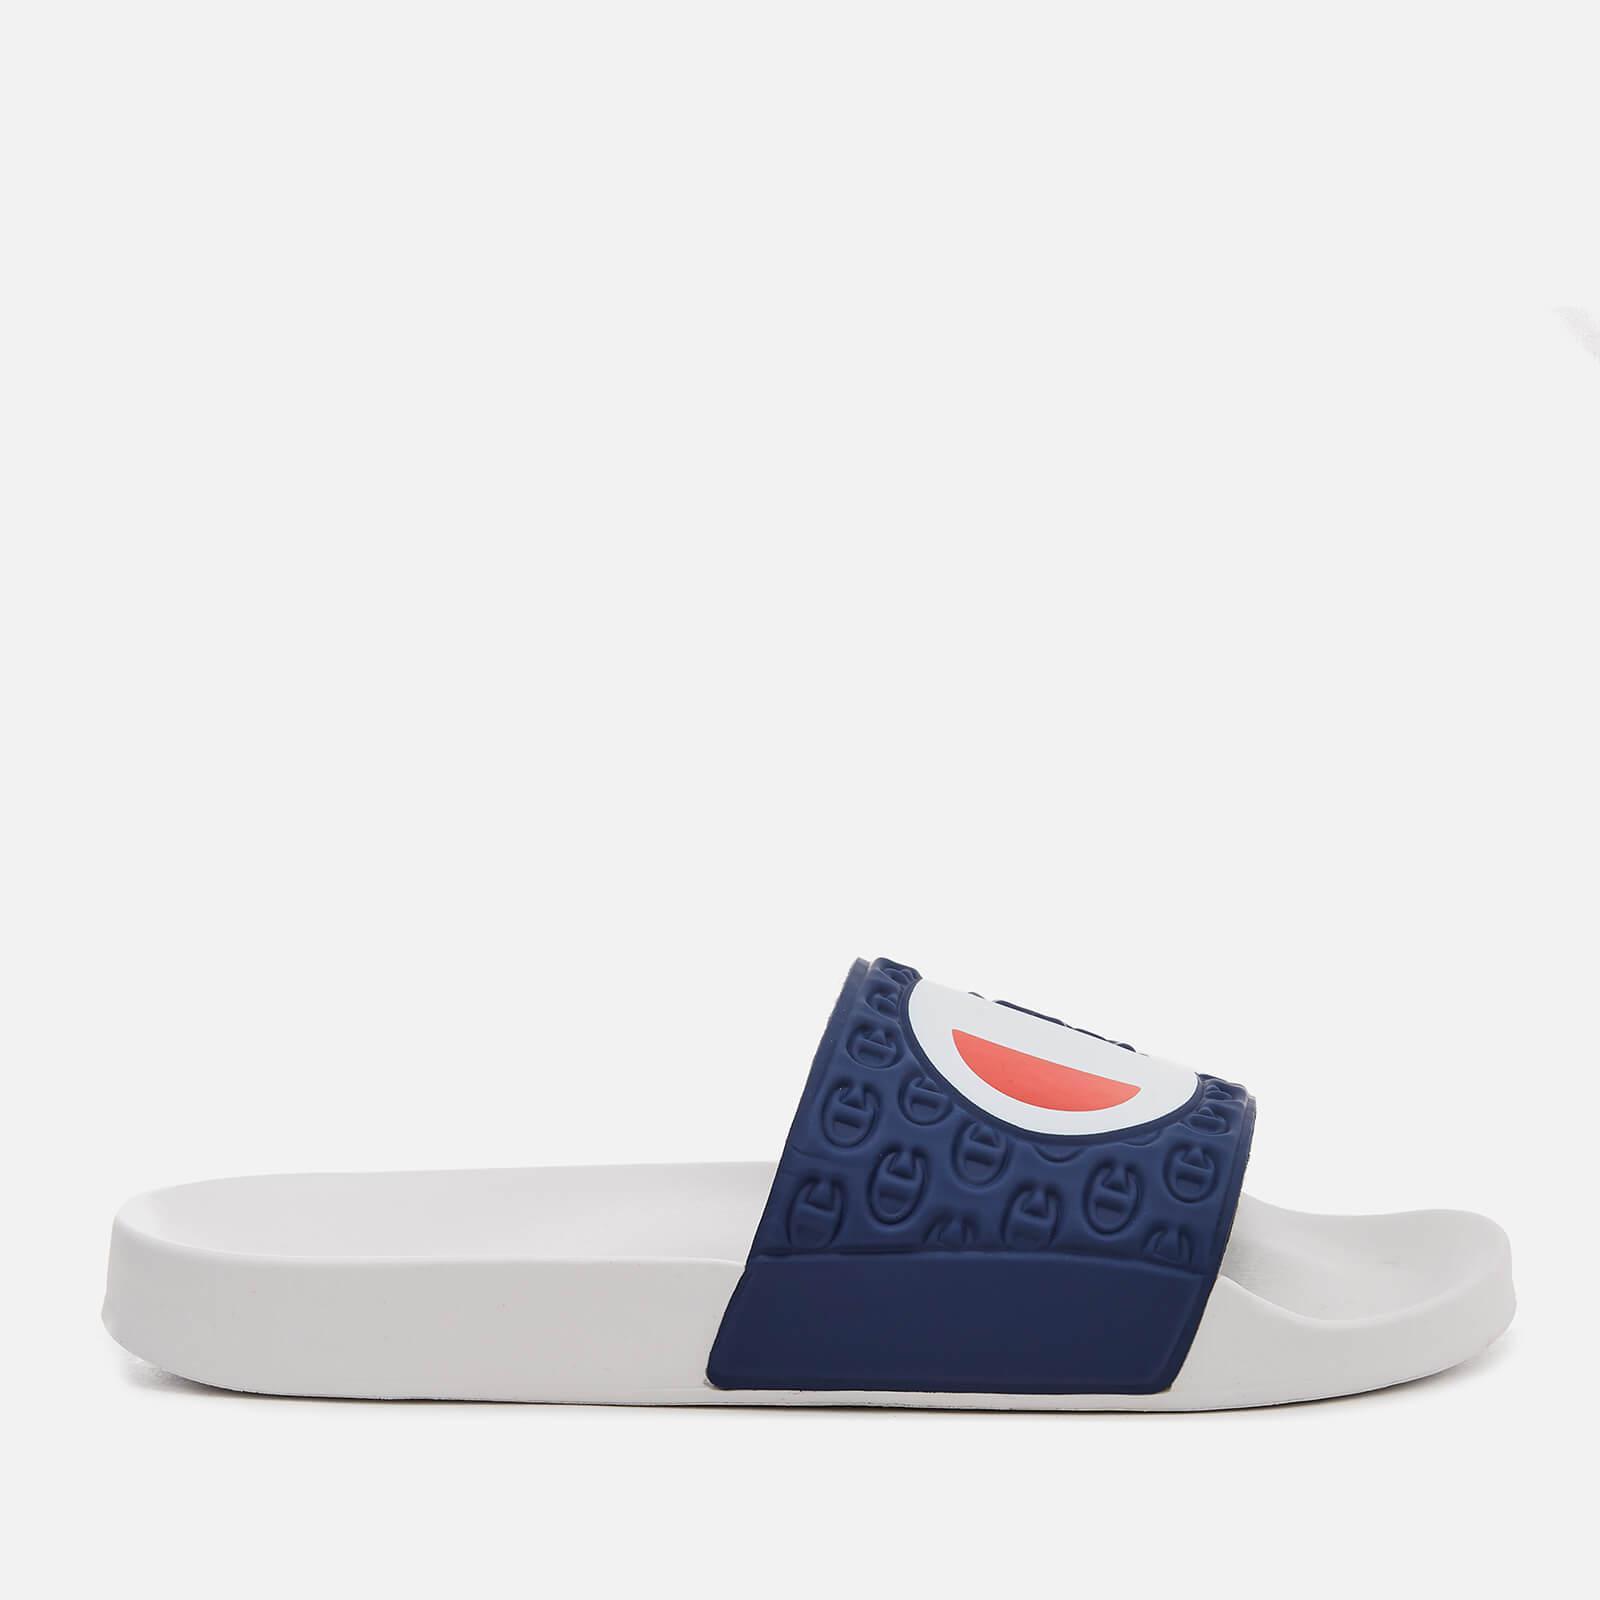 1e41ec886cc11 Lyst - Champion Logo Pool Slide Sandals in White for Men